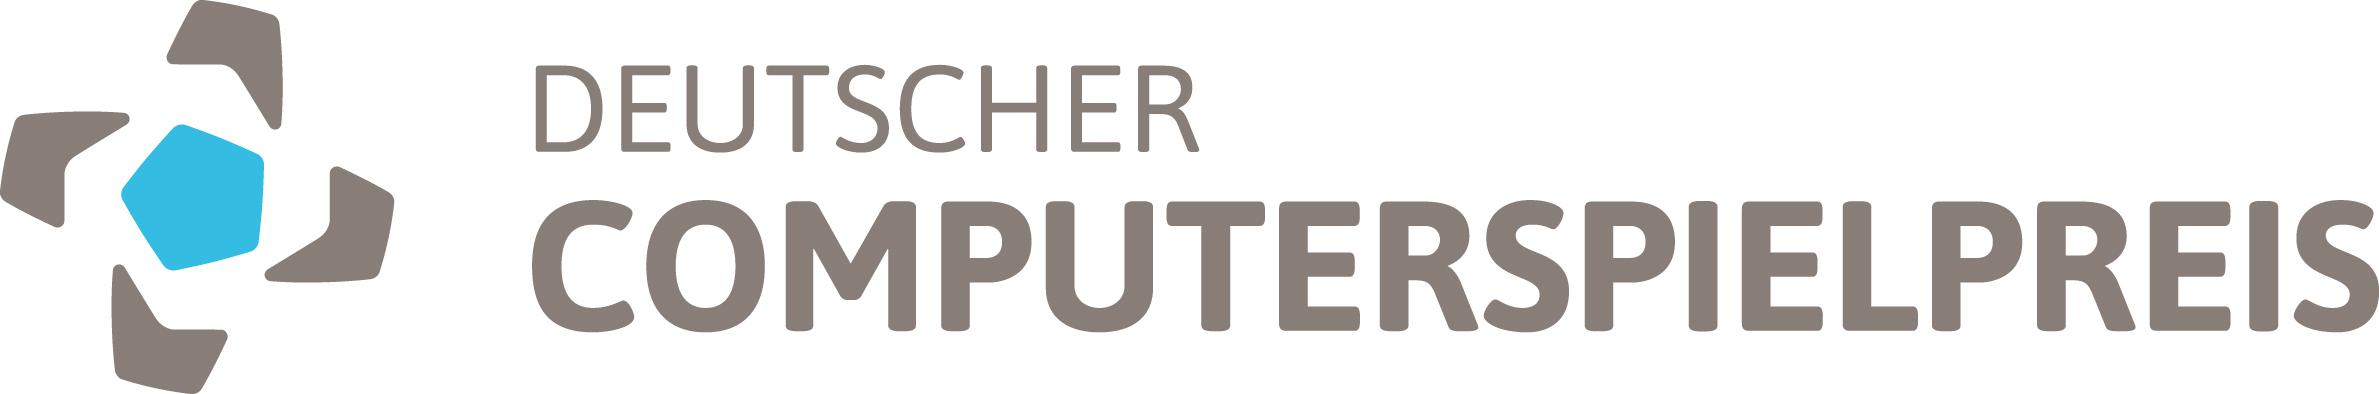 Das Logo des Deutschen Computerspielpreis DCP